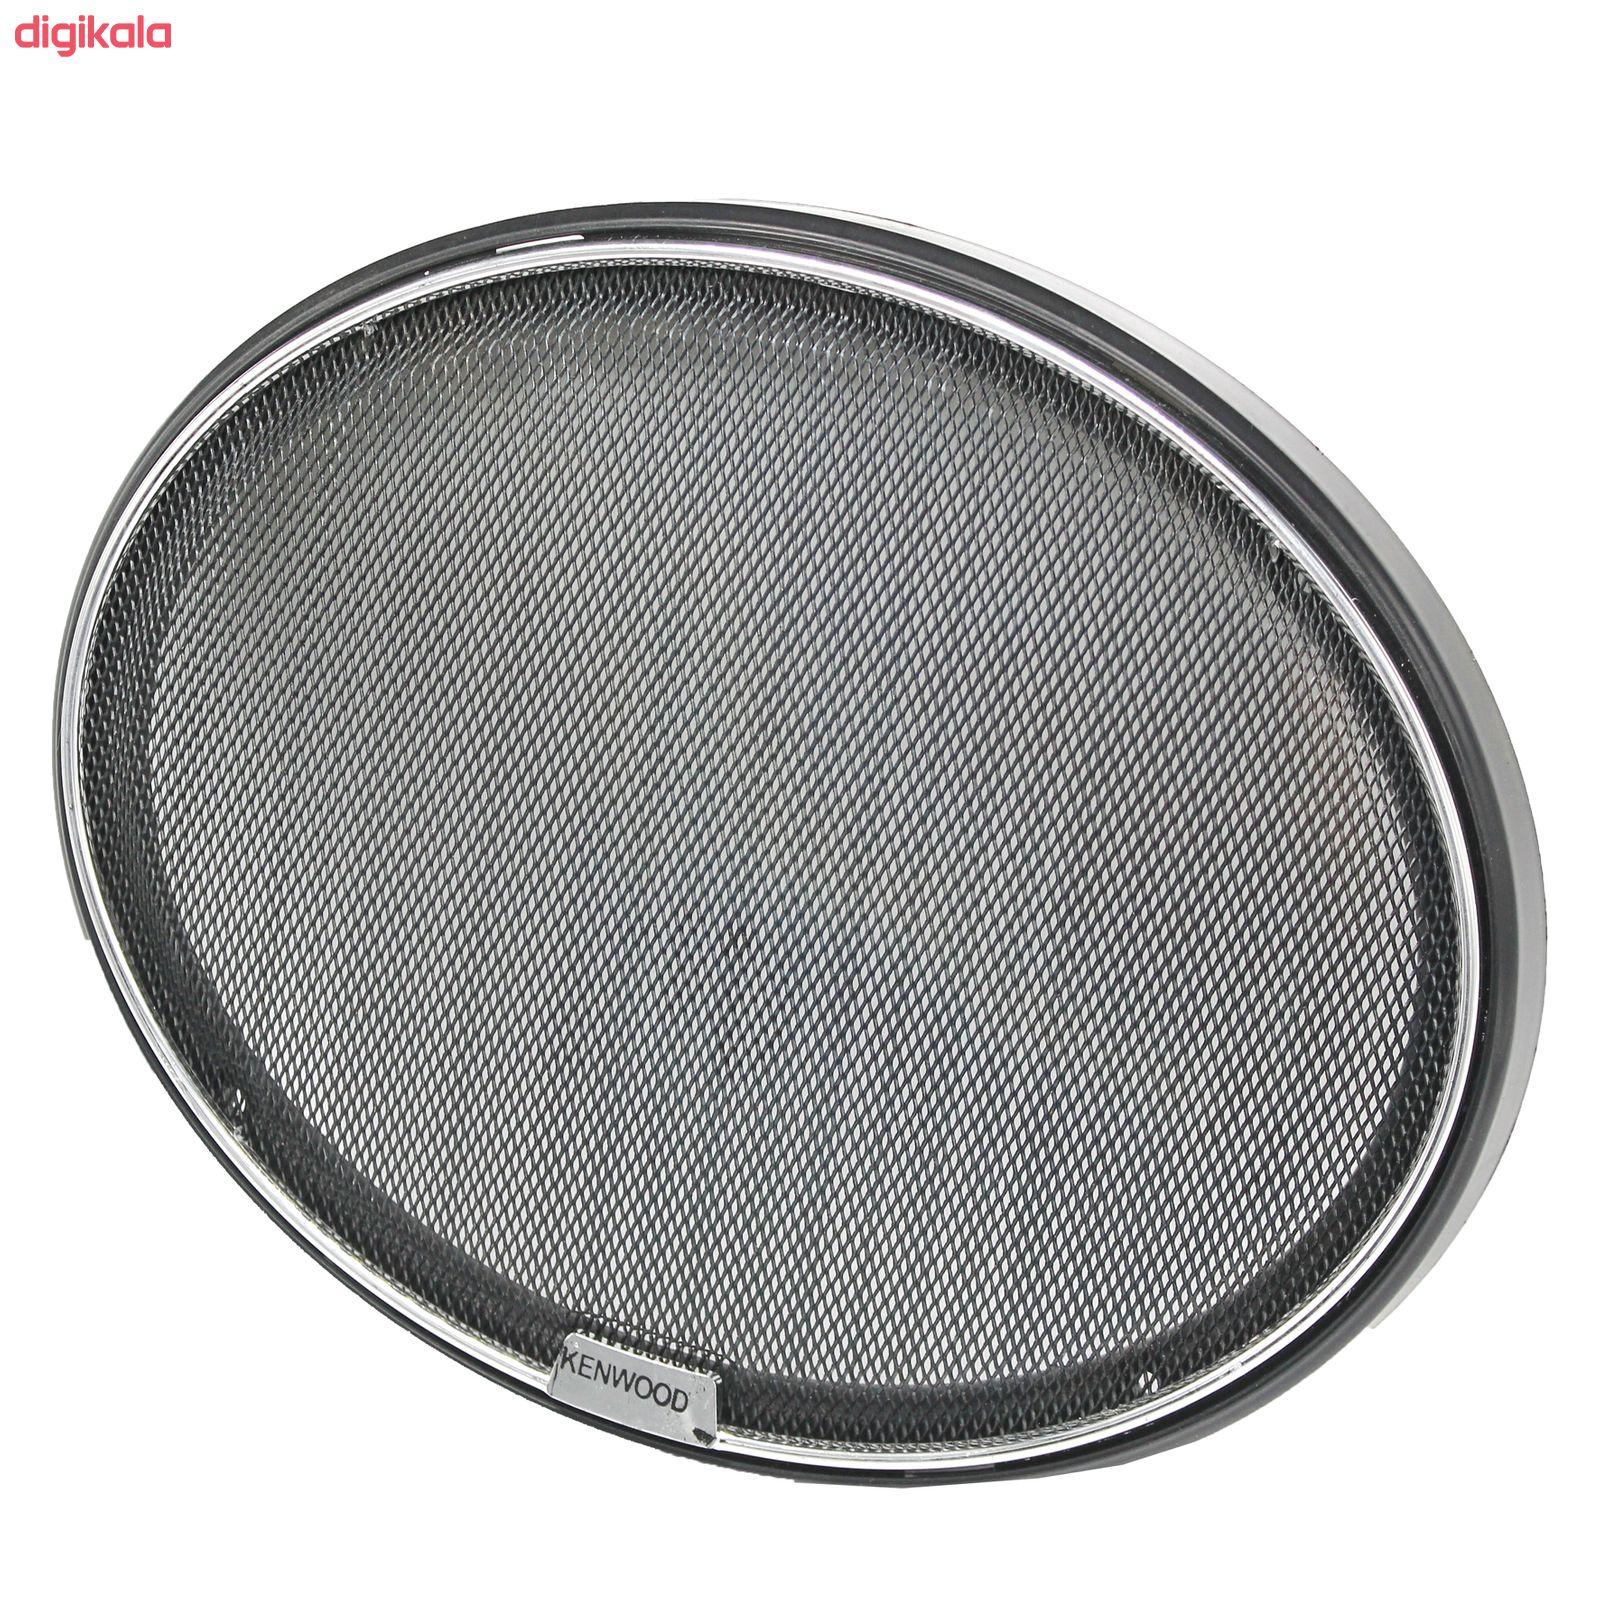 قاب اسپیکر خودرو کنوود کد 01 مناسب برای سایز 10x7 اینچ بسته دو عددی main 1 2